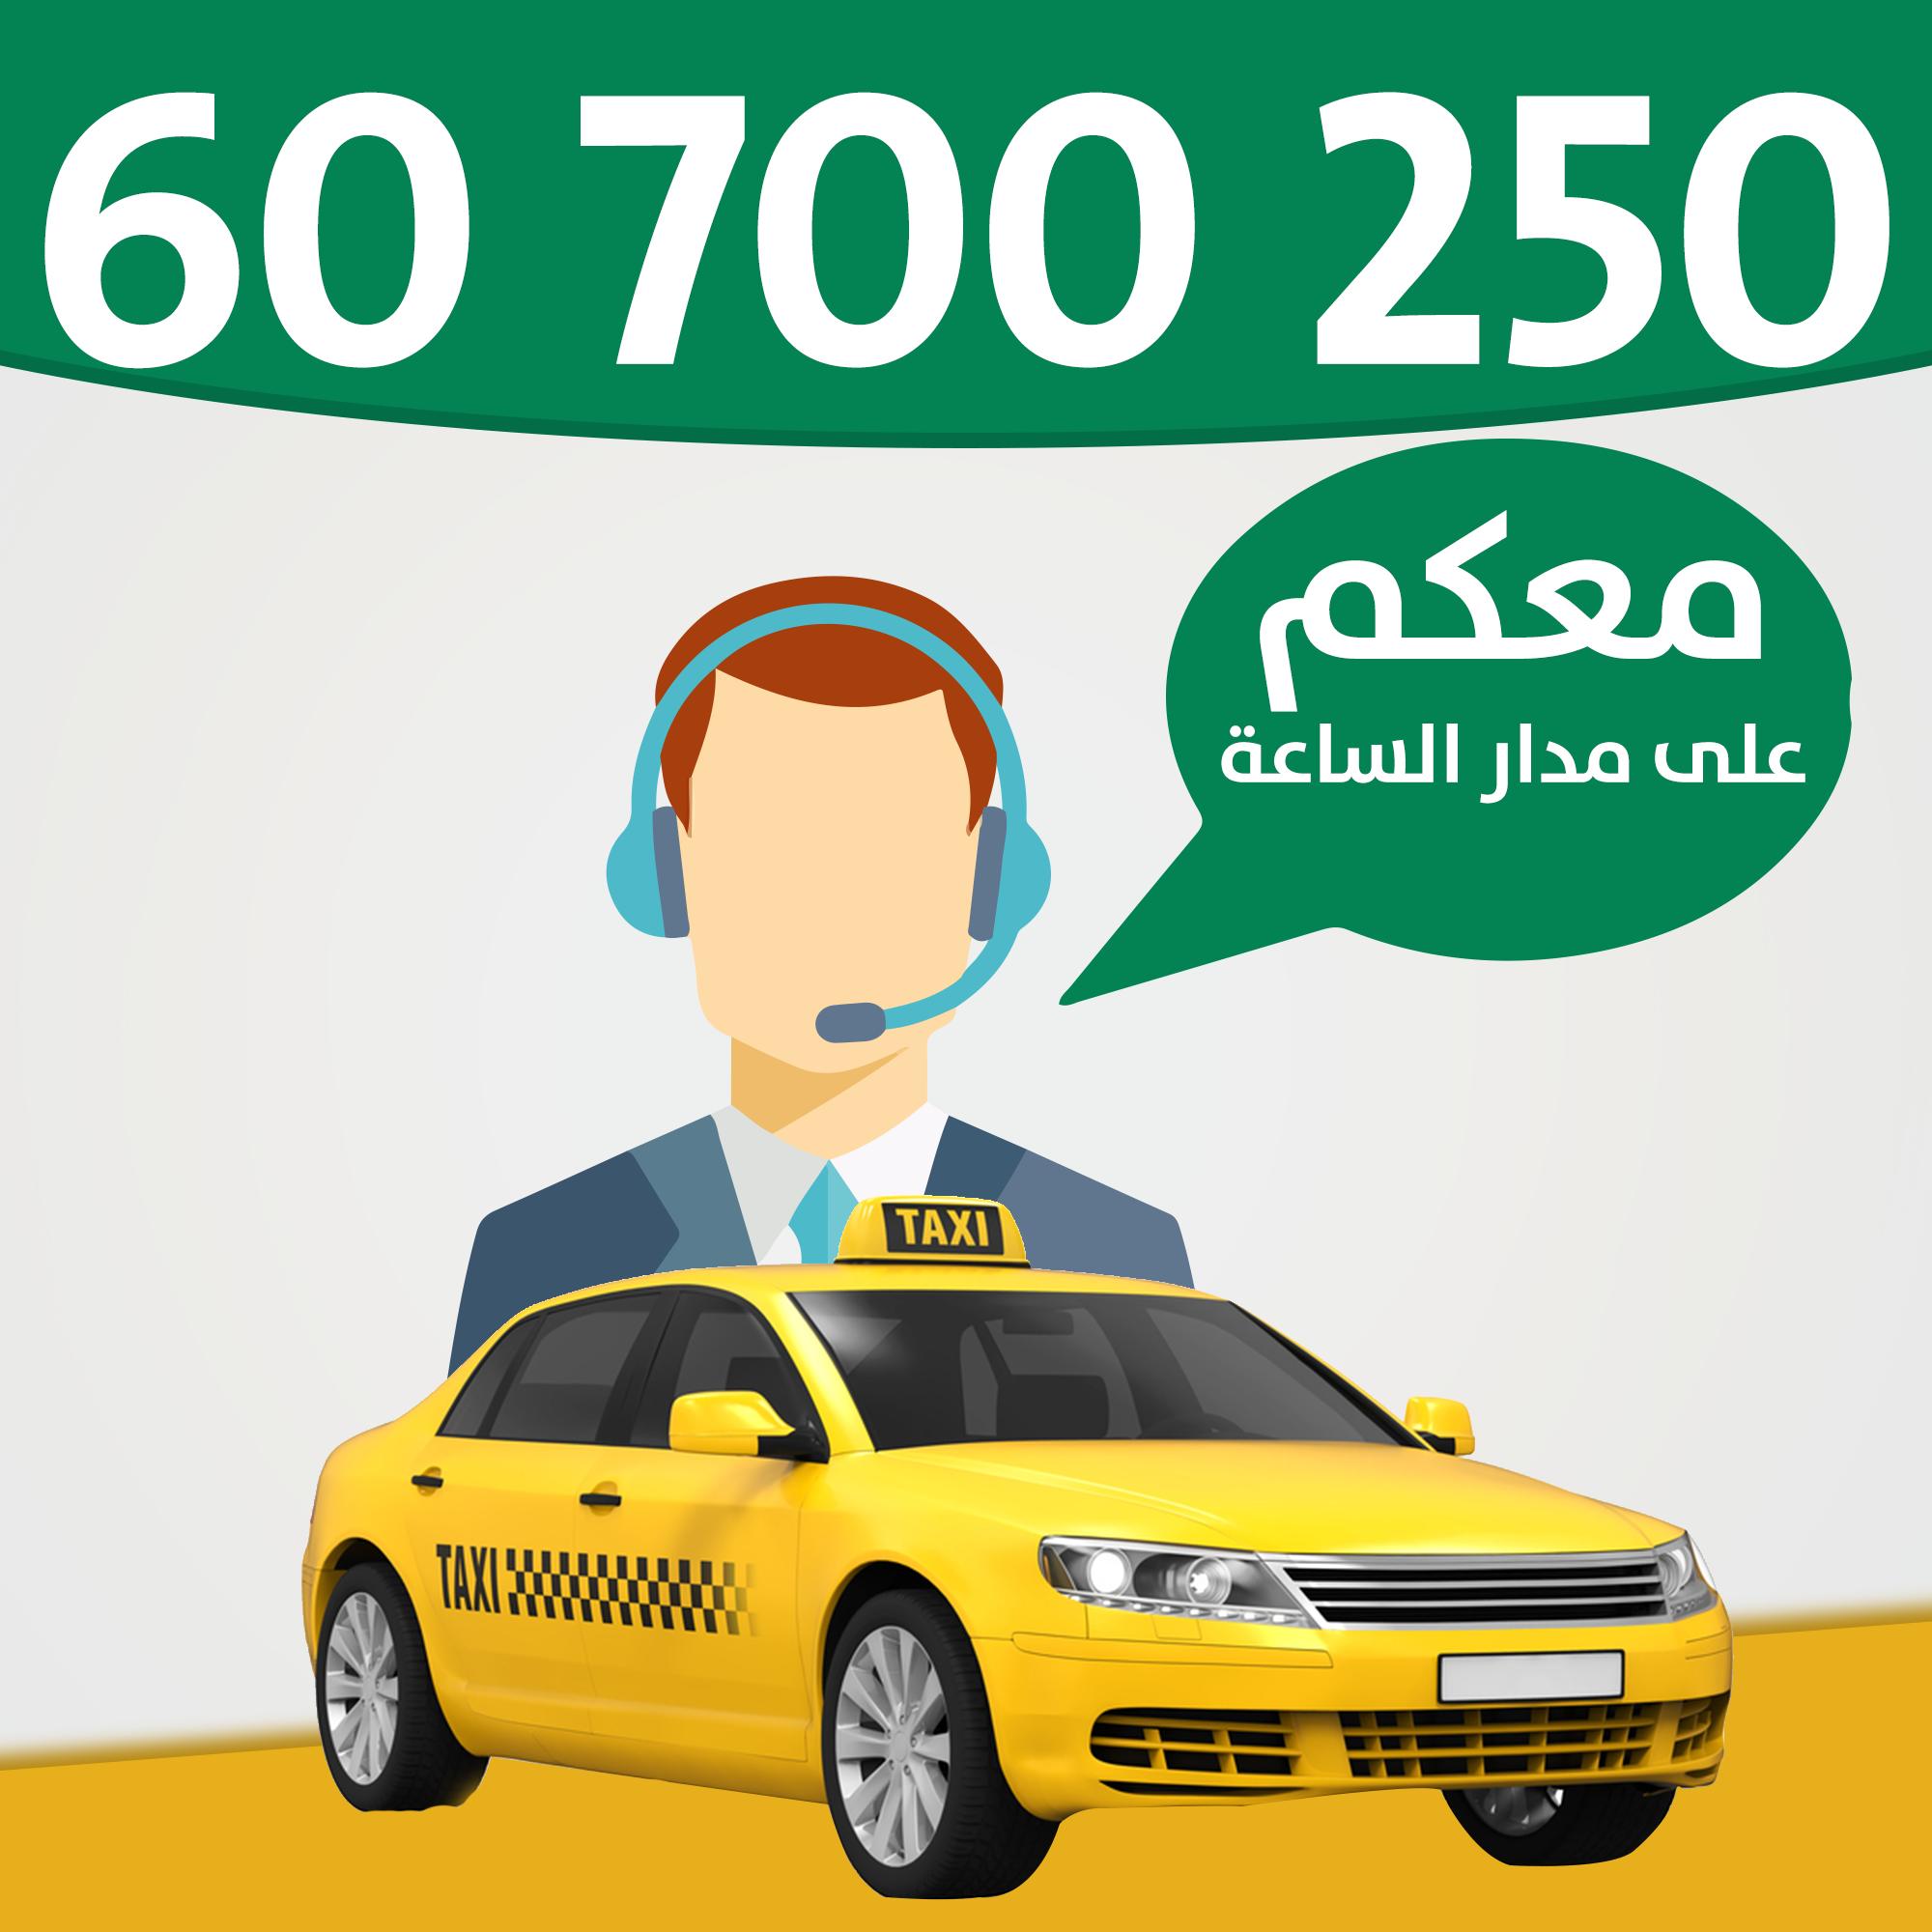 تاكسي توصيلة في شارع عبد القادر الحسيني